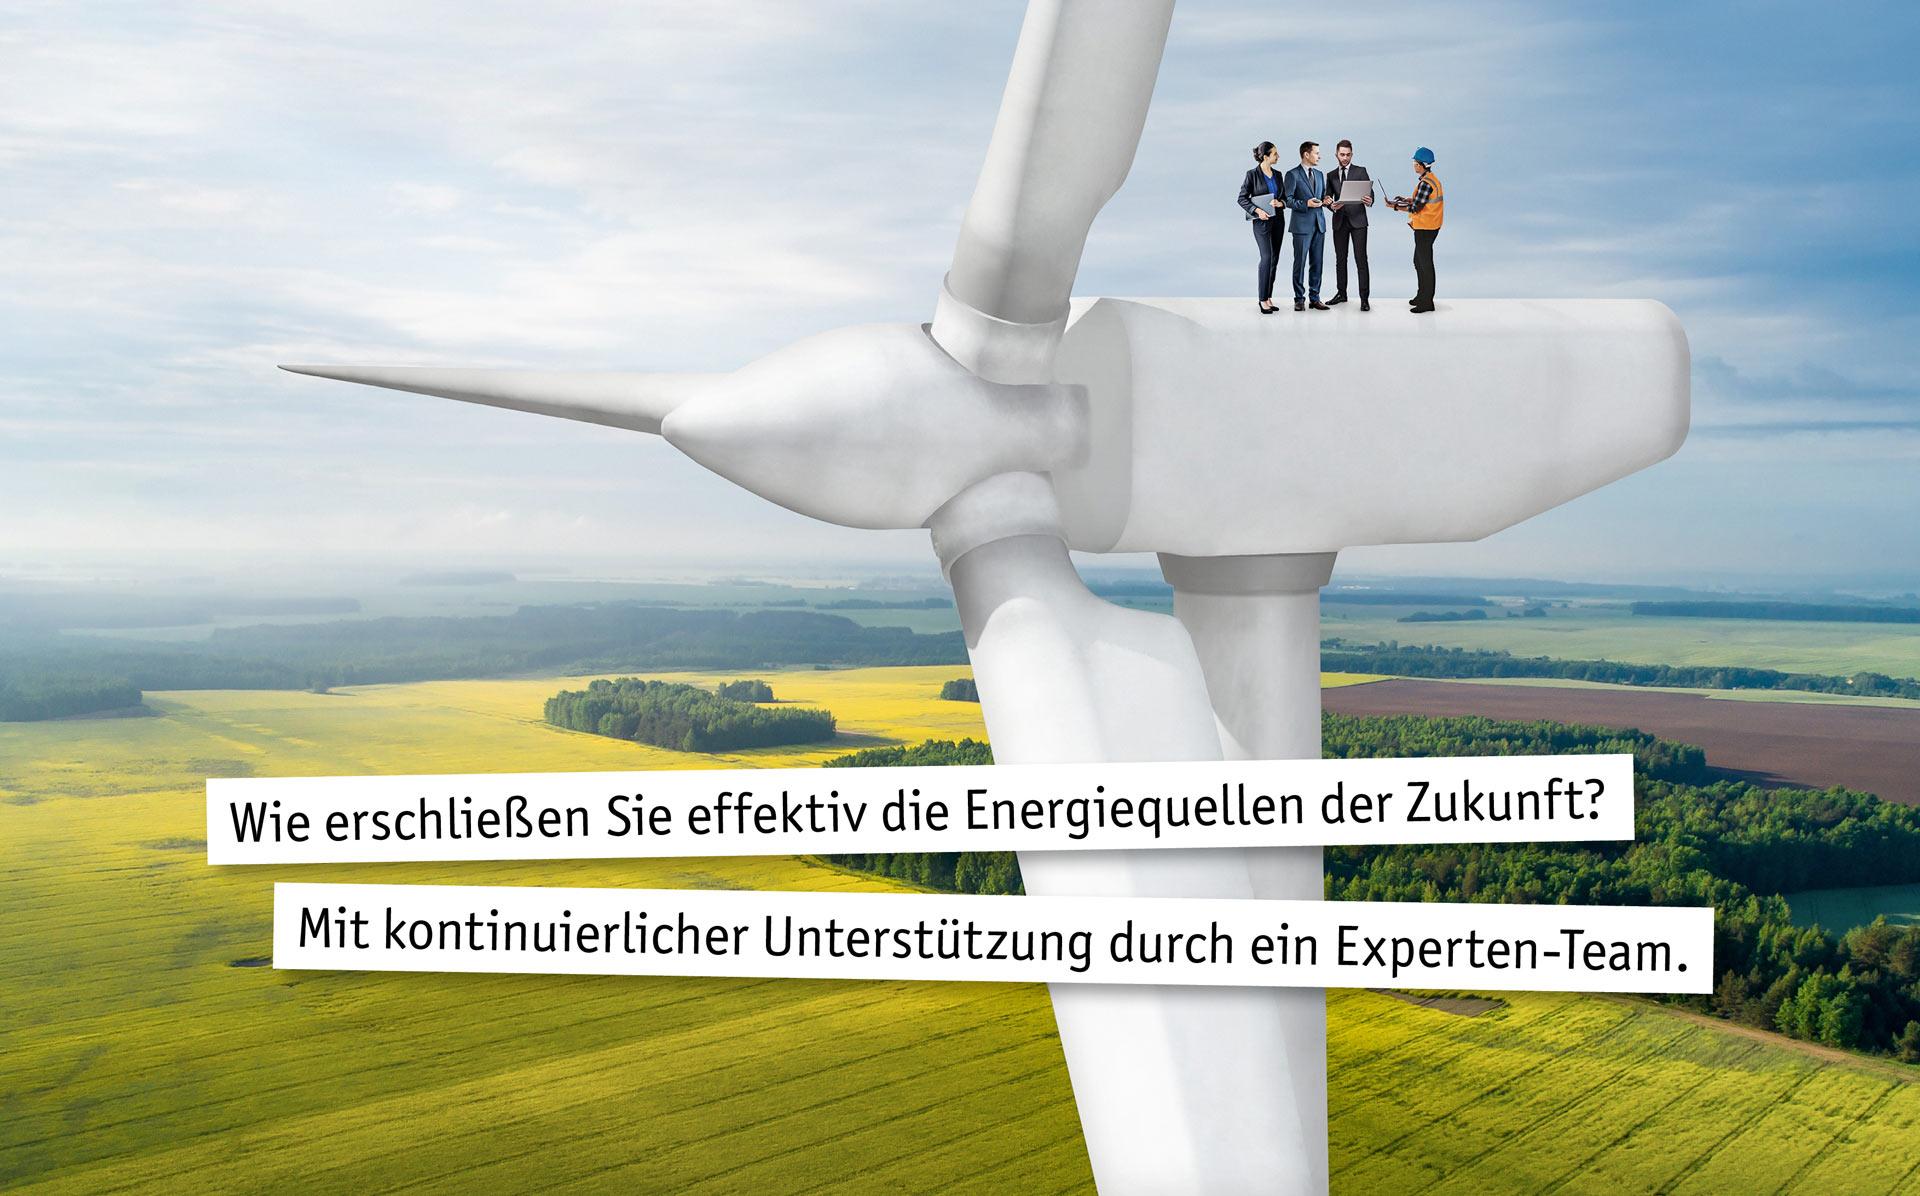 Wie erschließen Sie effektiv die Energiequellen der Zukunft? Mit kontinuierlicher Unterstützung durch ein Experten-Team.